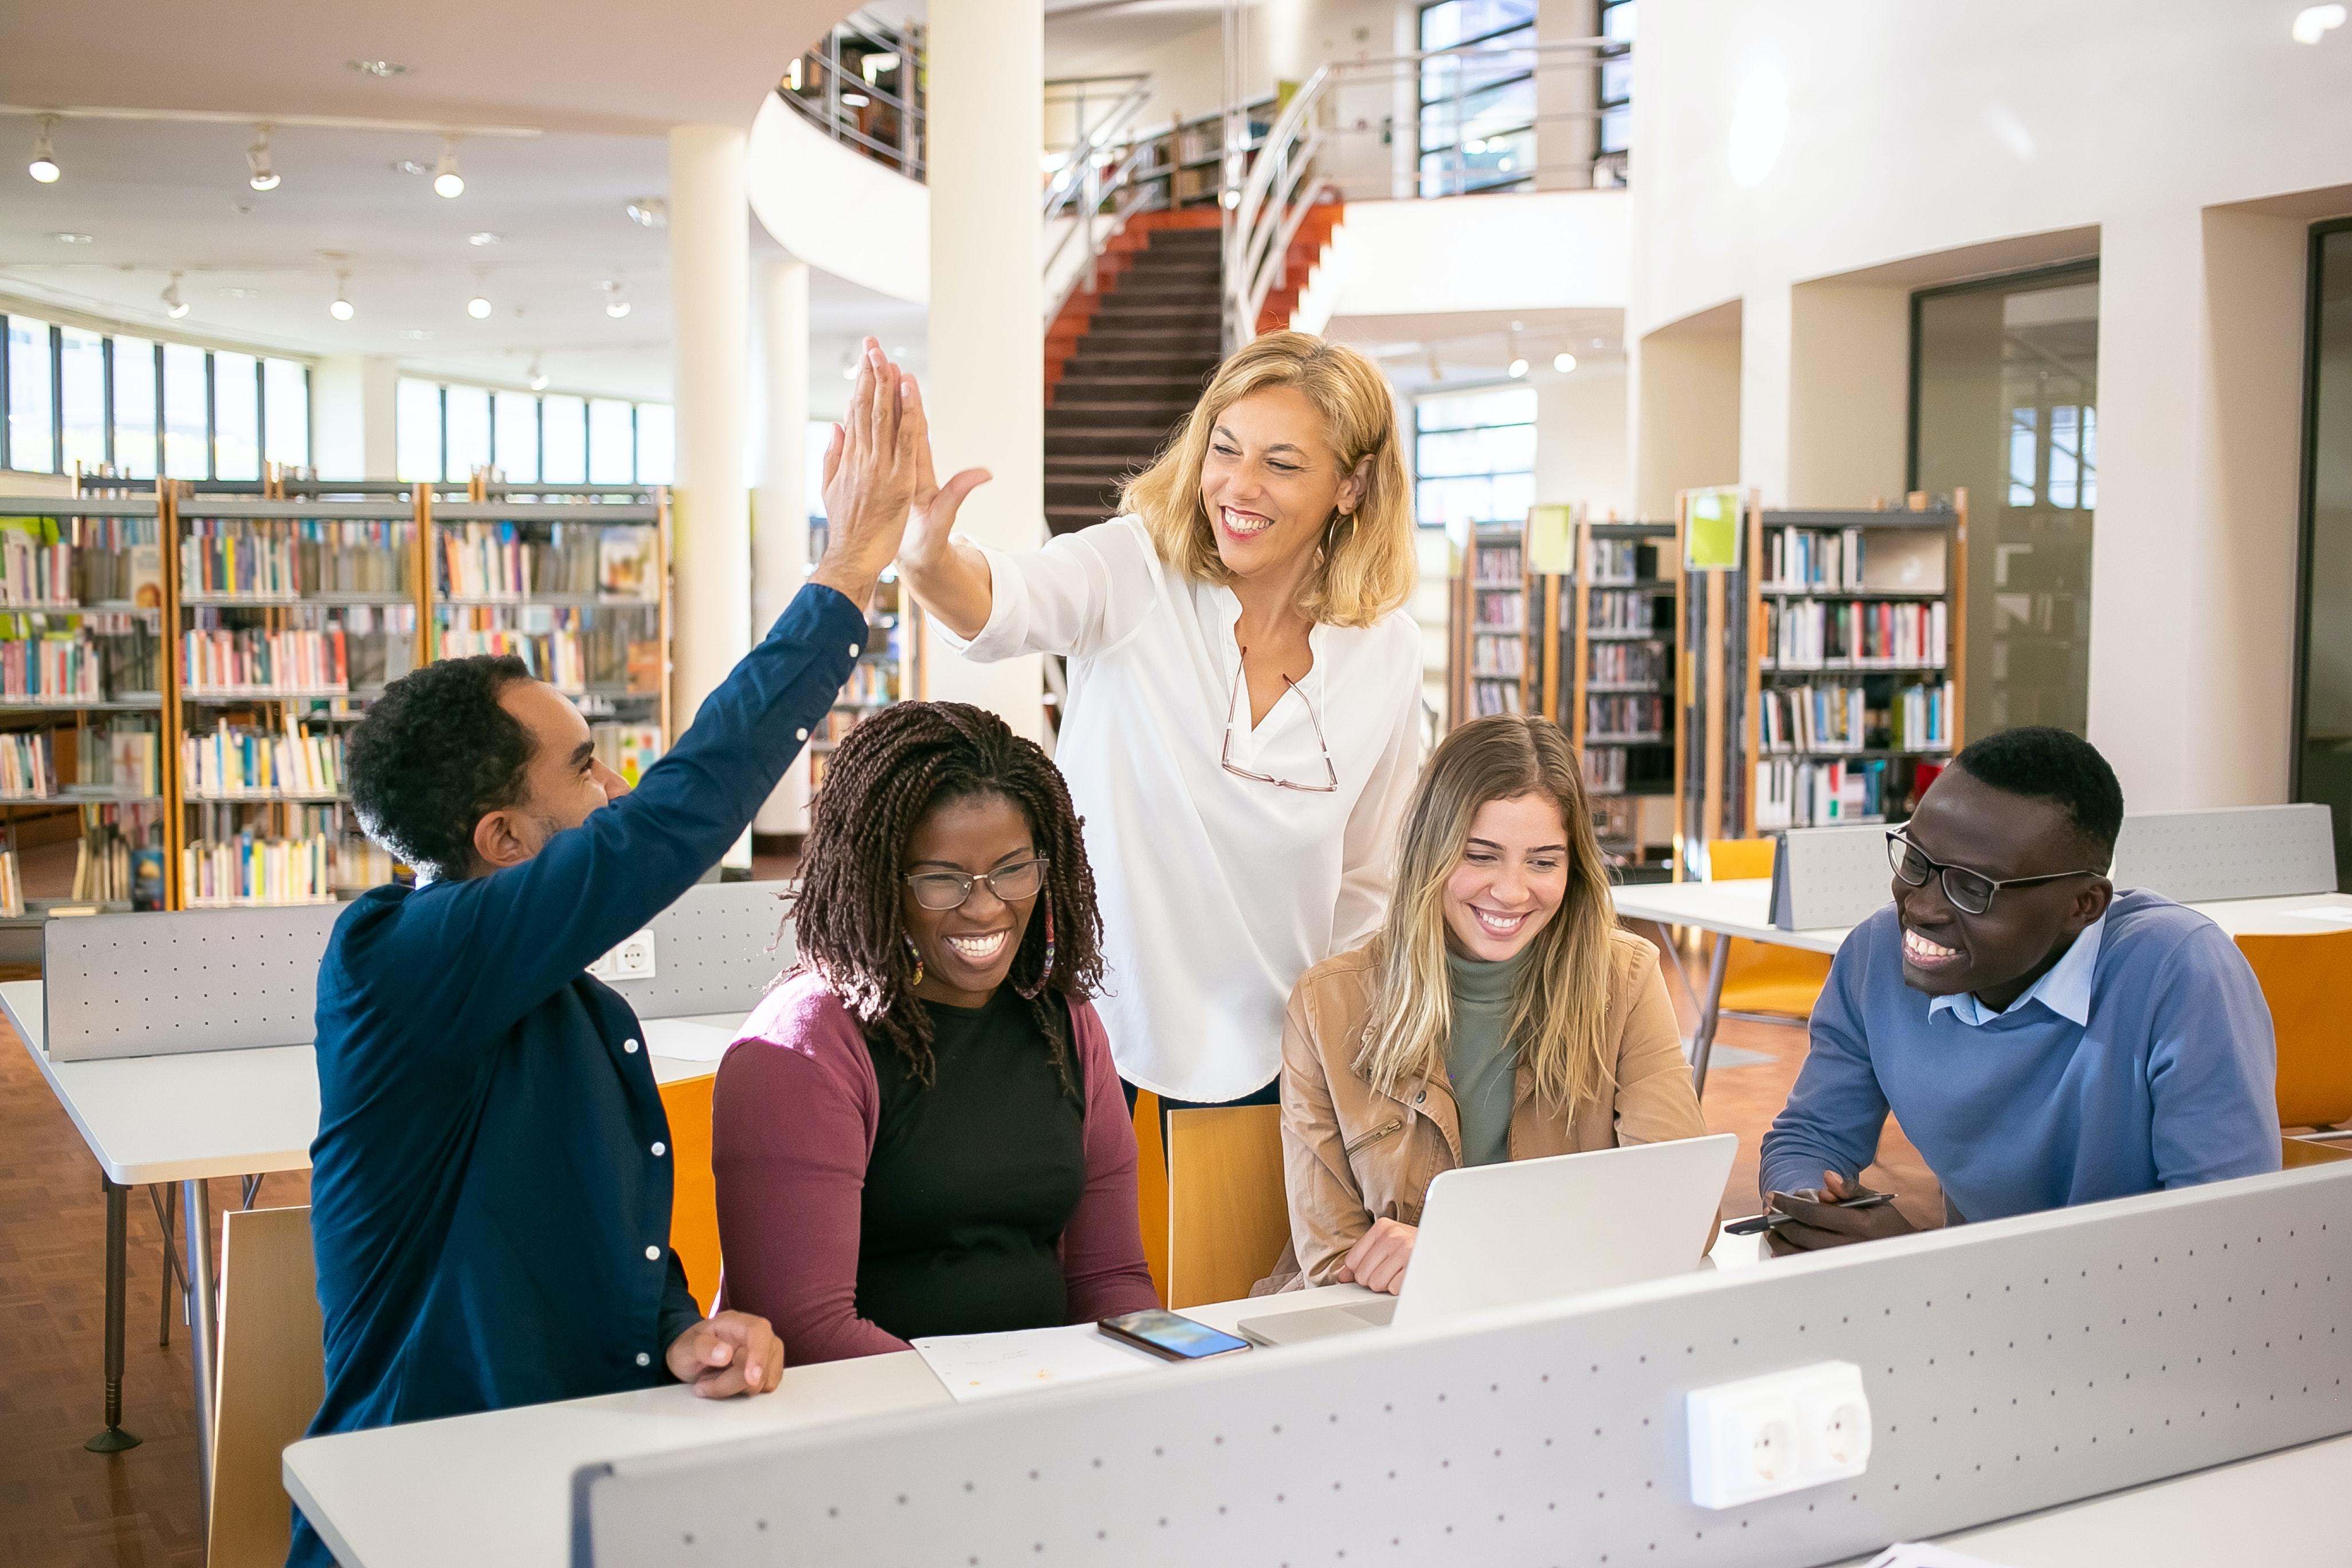 A vertente acadêmica incentiva o mestrando a repassar diretamente seus conhecimentos (Fonte: Kampus/Pexels)